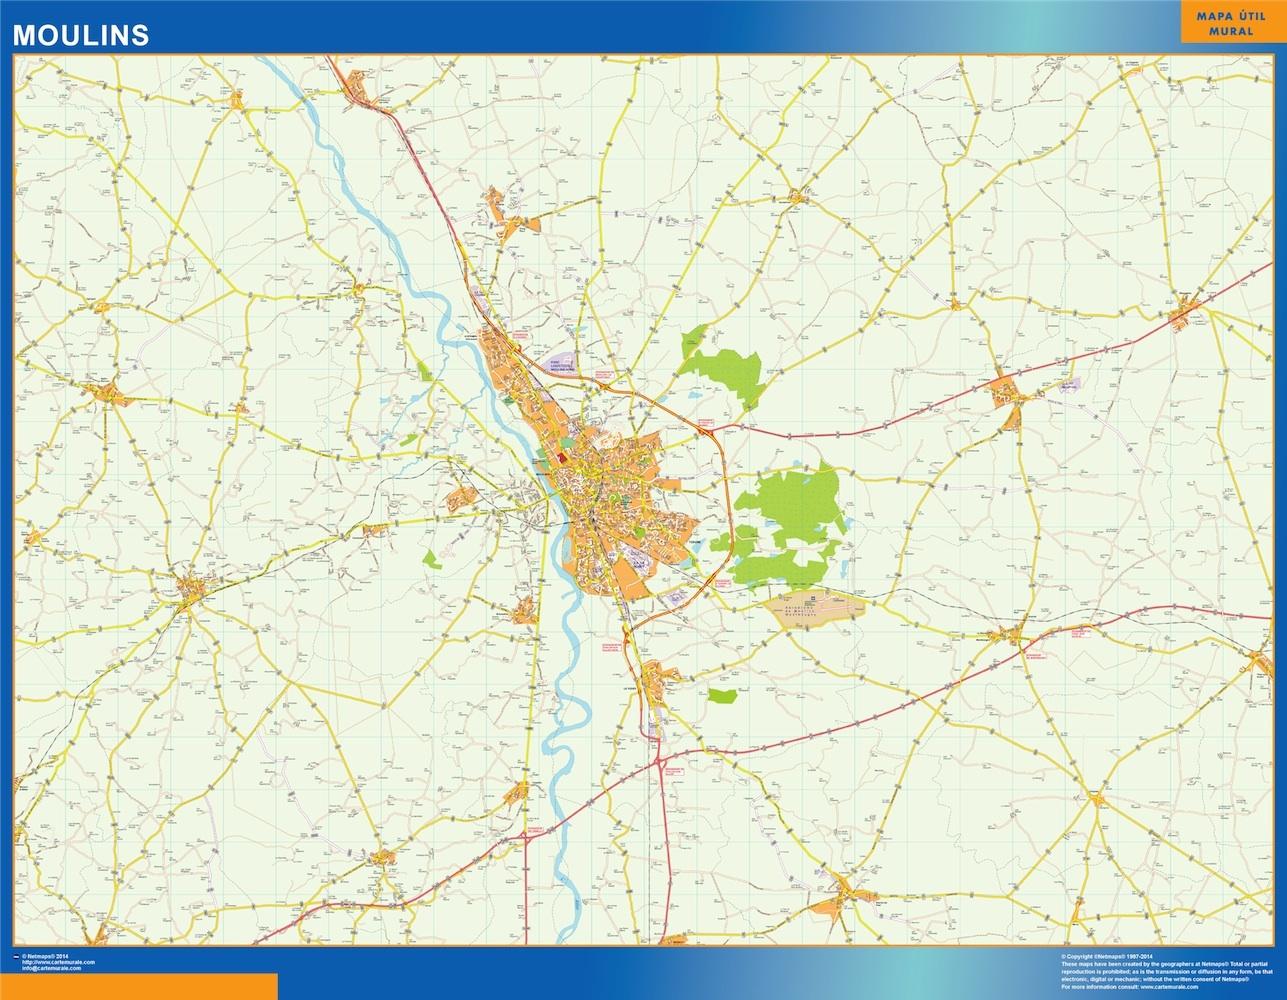 Mapa Moulins en Francia plastificado gigante